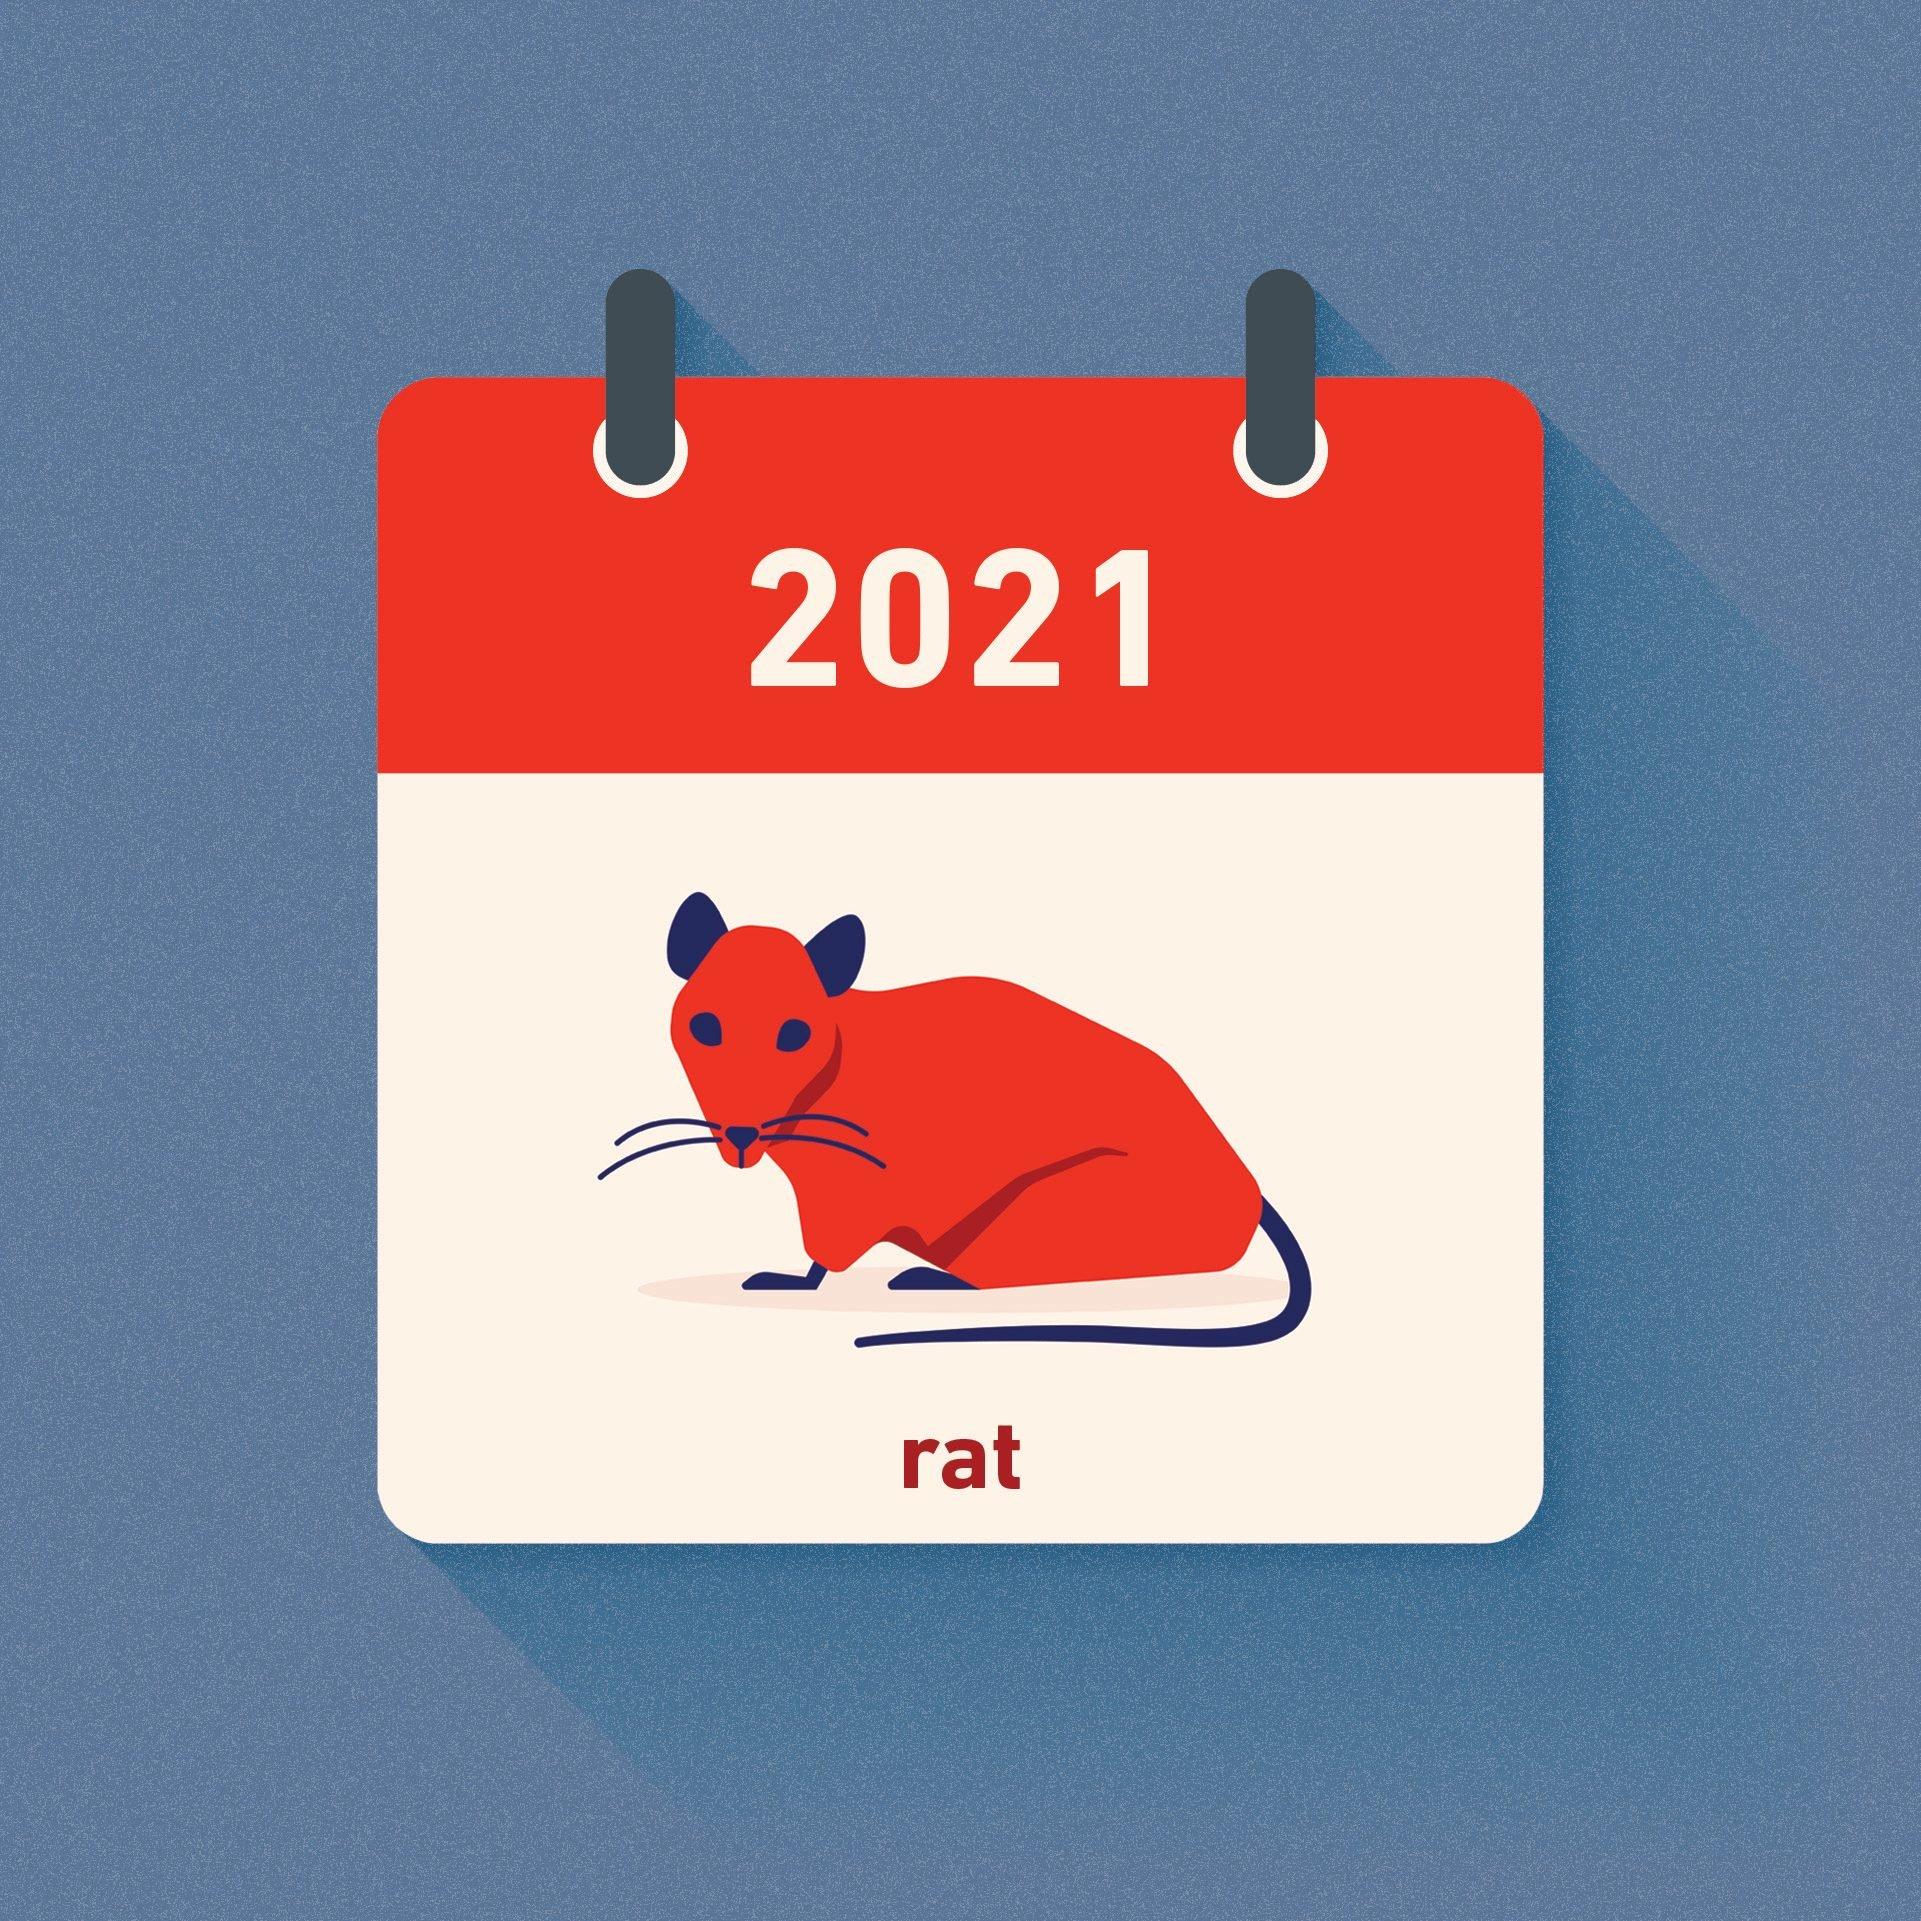 rat chinese zodiac 2021